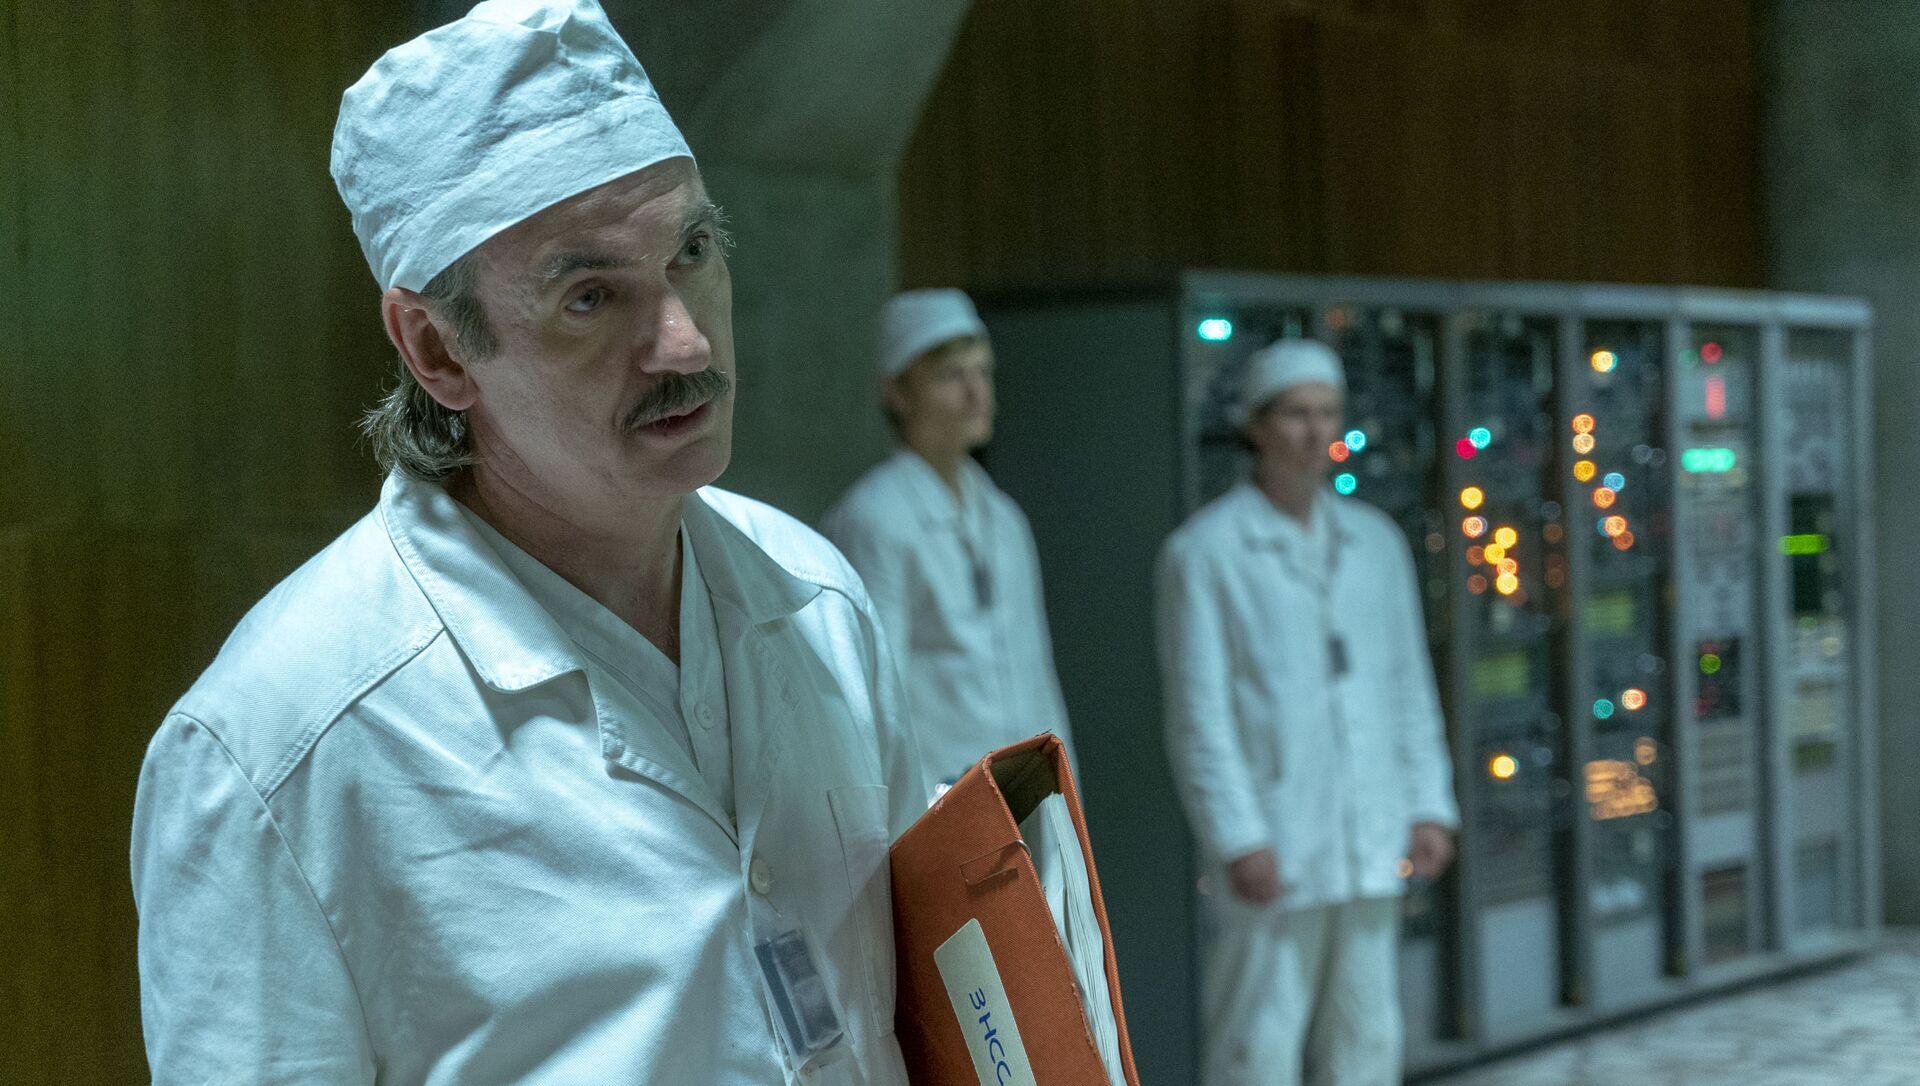 Пол Риттер в роли заместителя главного инженера атомной станции Анатолия Дятлова - Sputnik Грузия, 1920, 06.04.2021